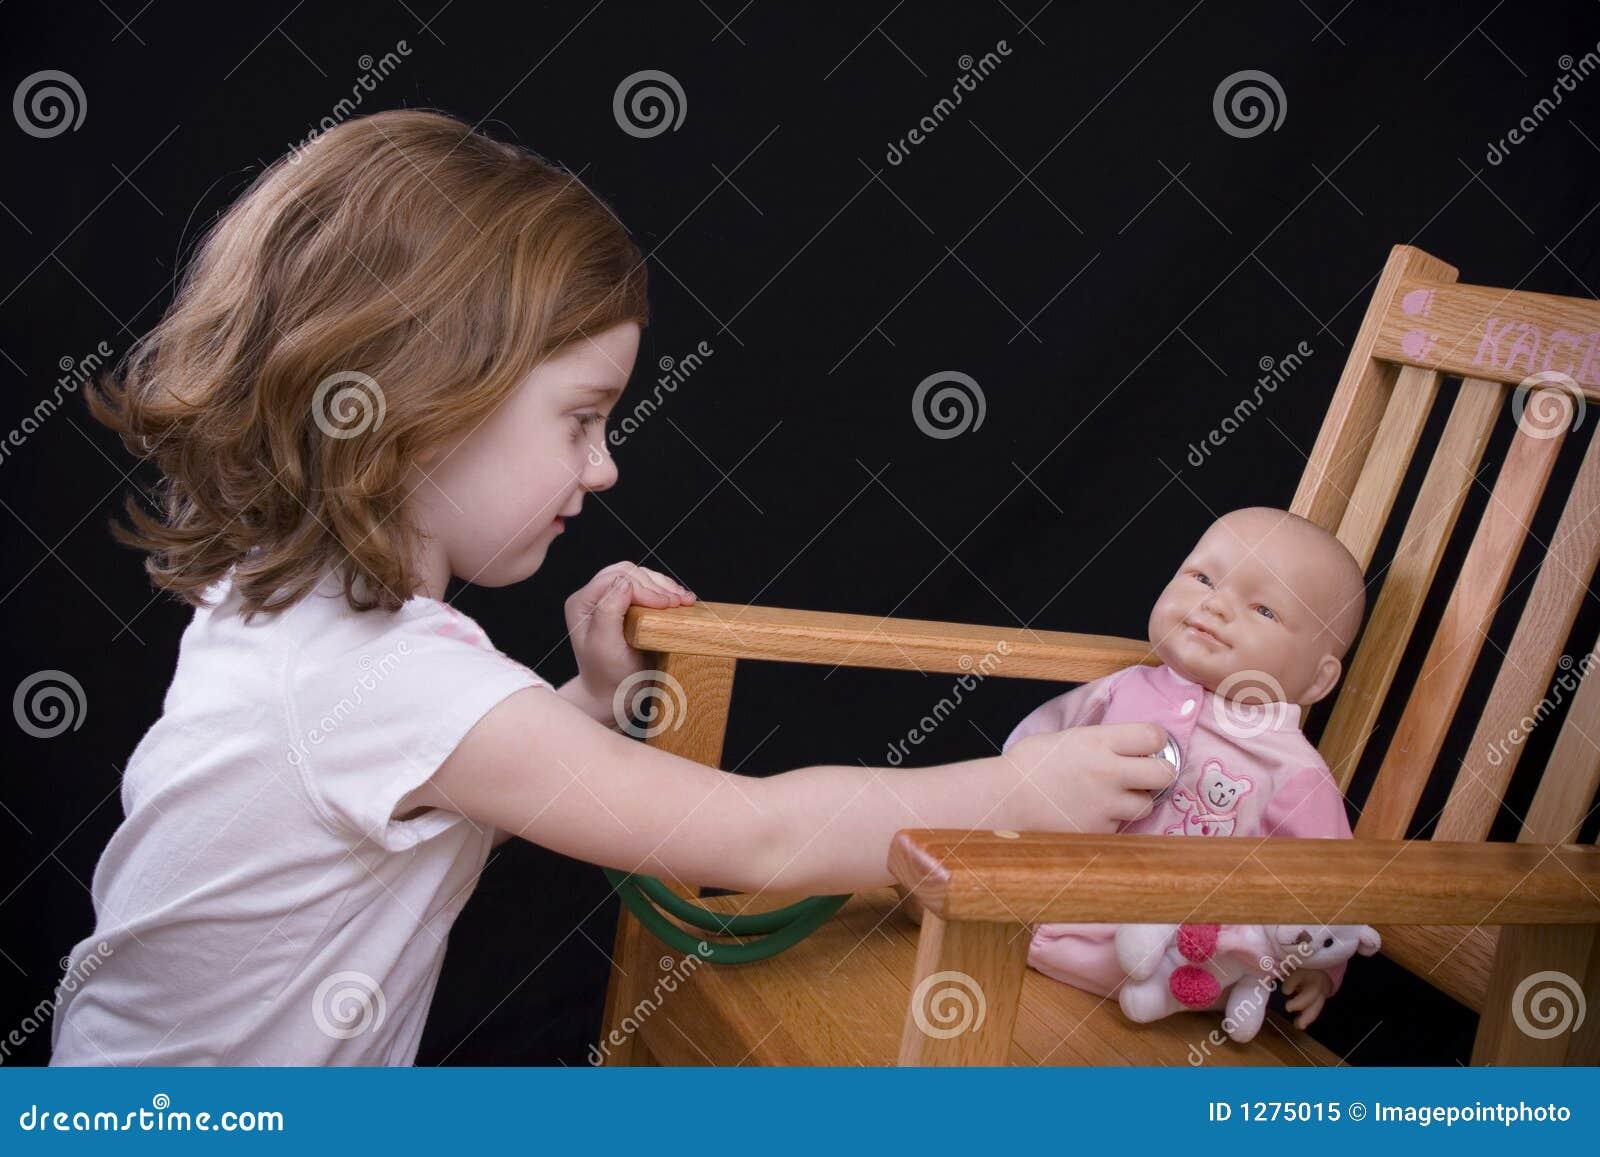 Chequeo del bebé